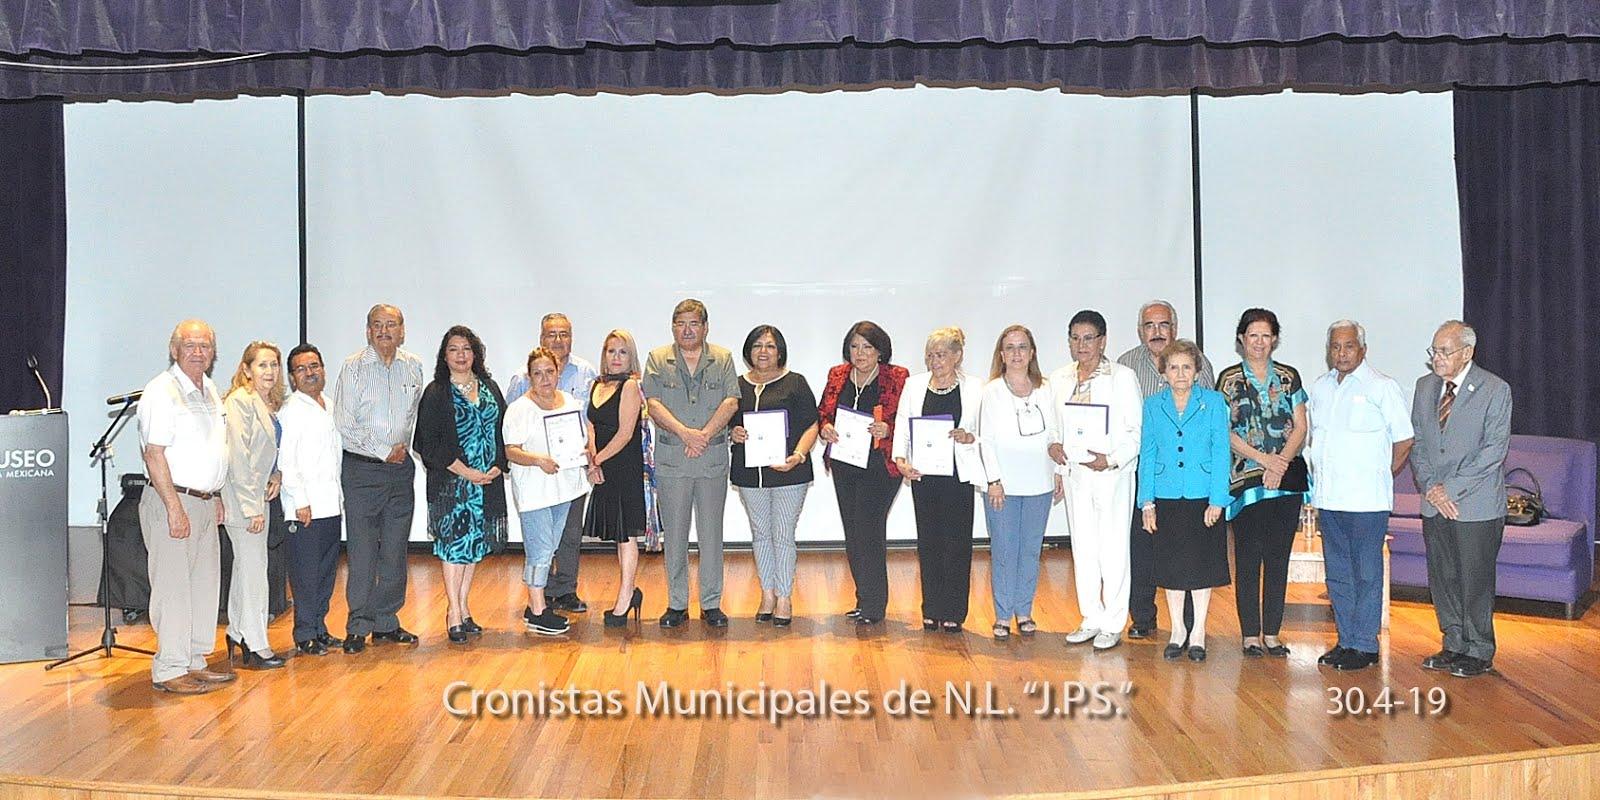 Con los Cronistas Municipales de Nuevo León, México.